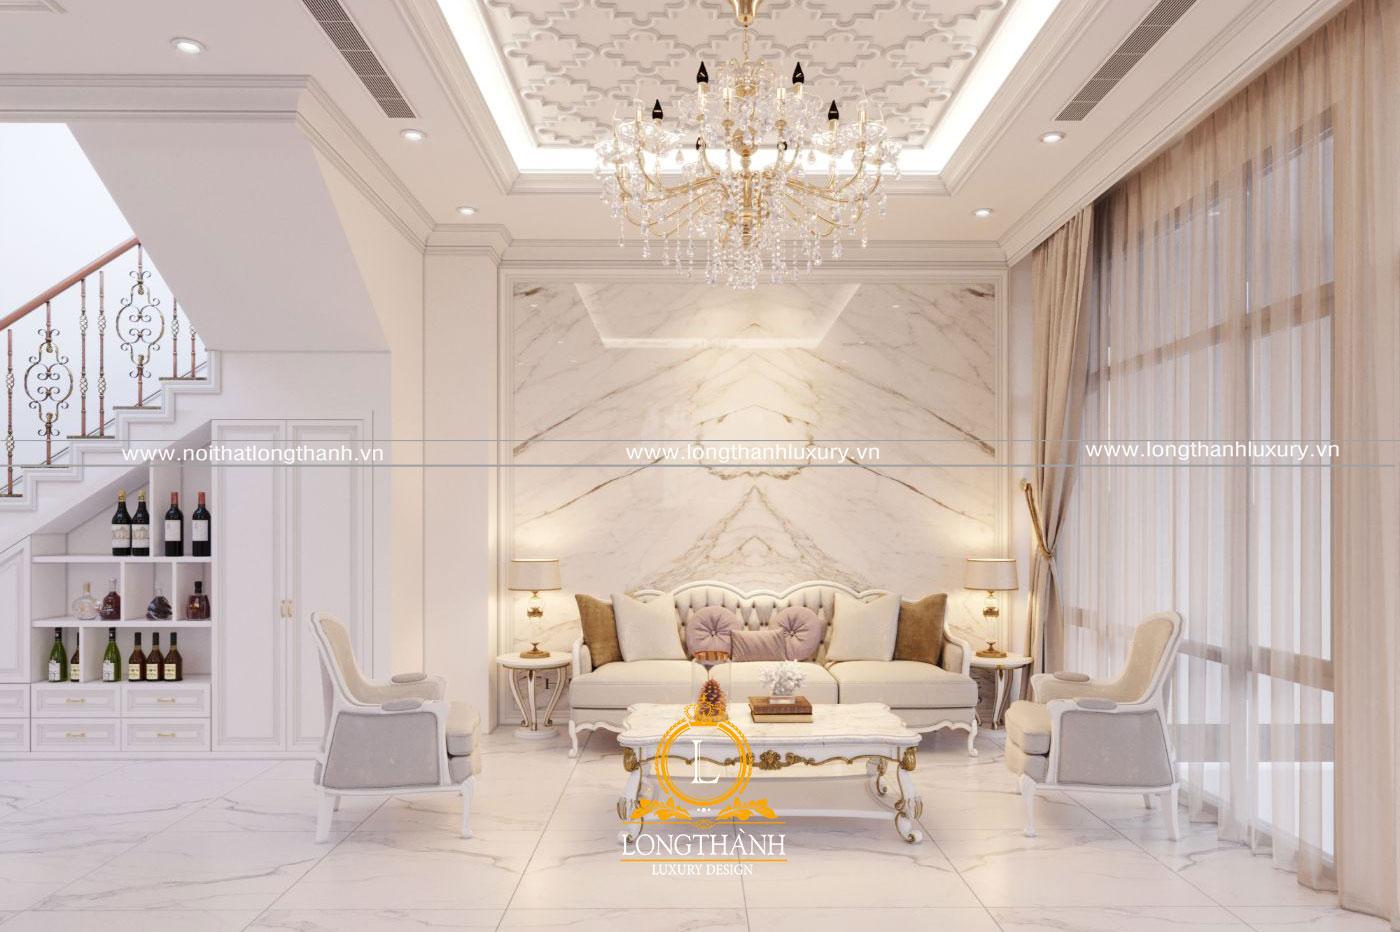 Nội thất phòng khách tân cổ điển sơn trắng đẹp